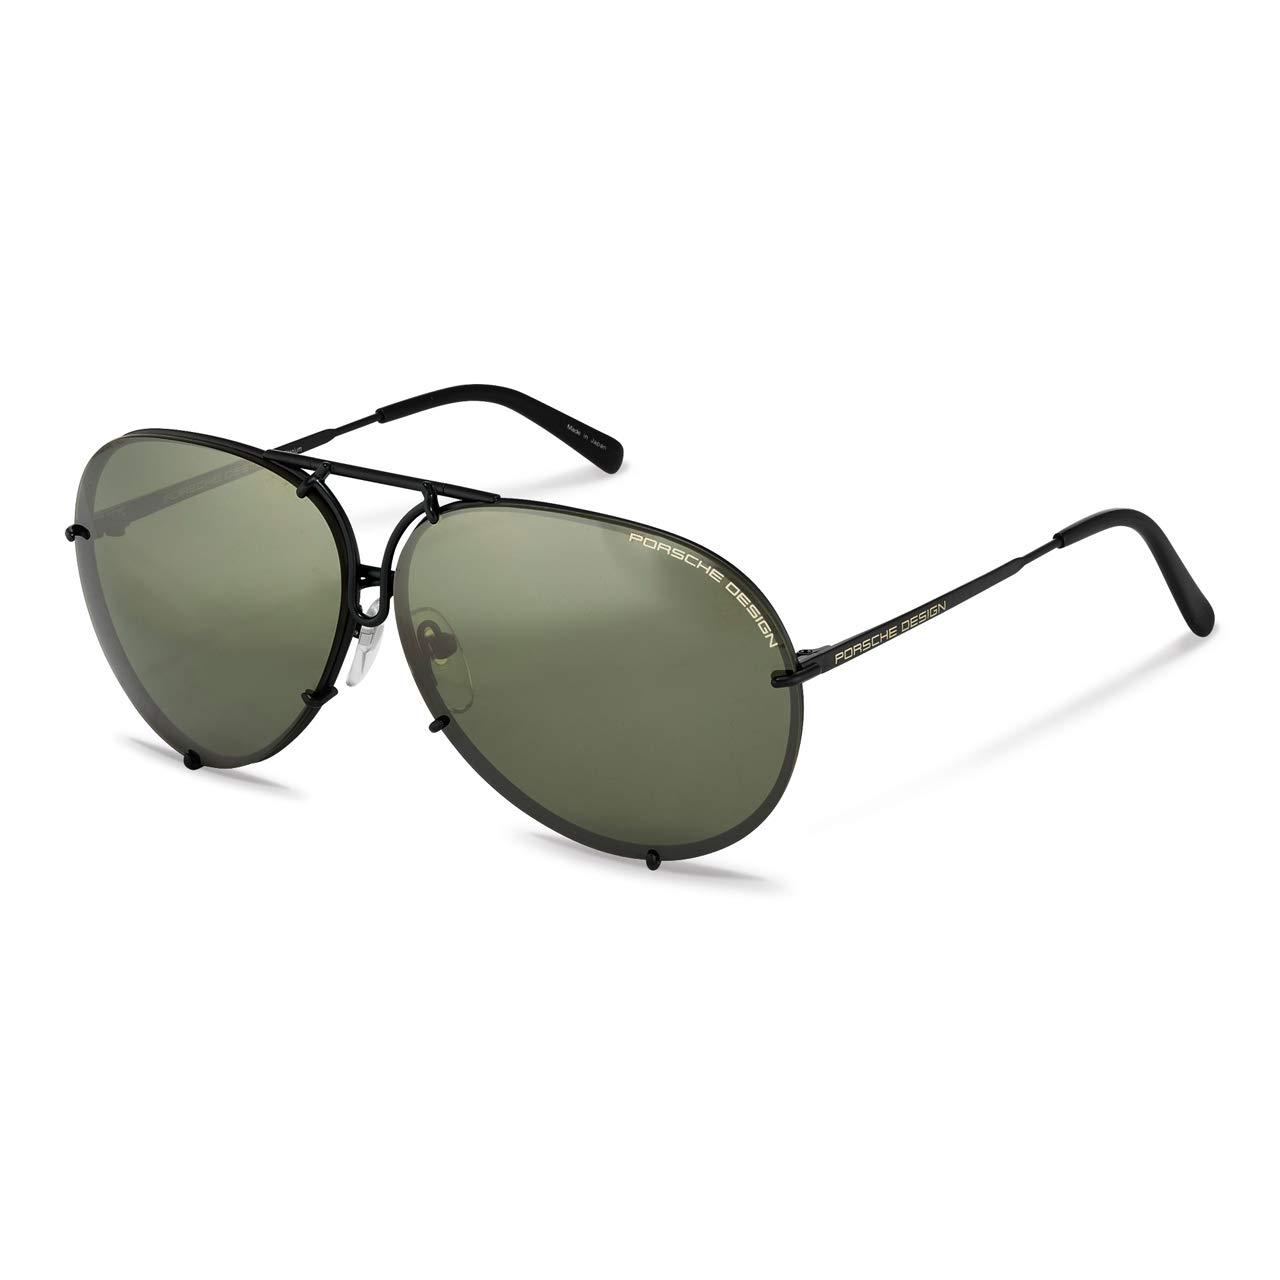 Porsche Design P8478 D P'8478 D Matte Black Pilot Sunglasses 63mm W/Extra Lens by Porsche Design